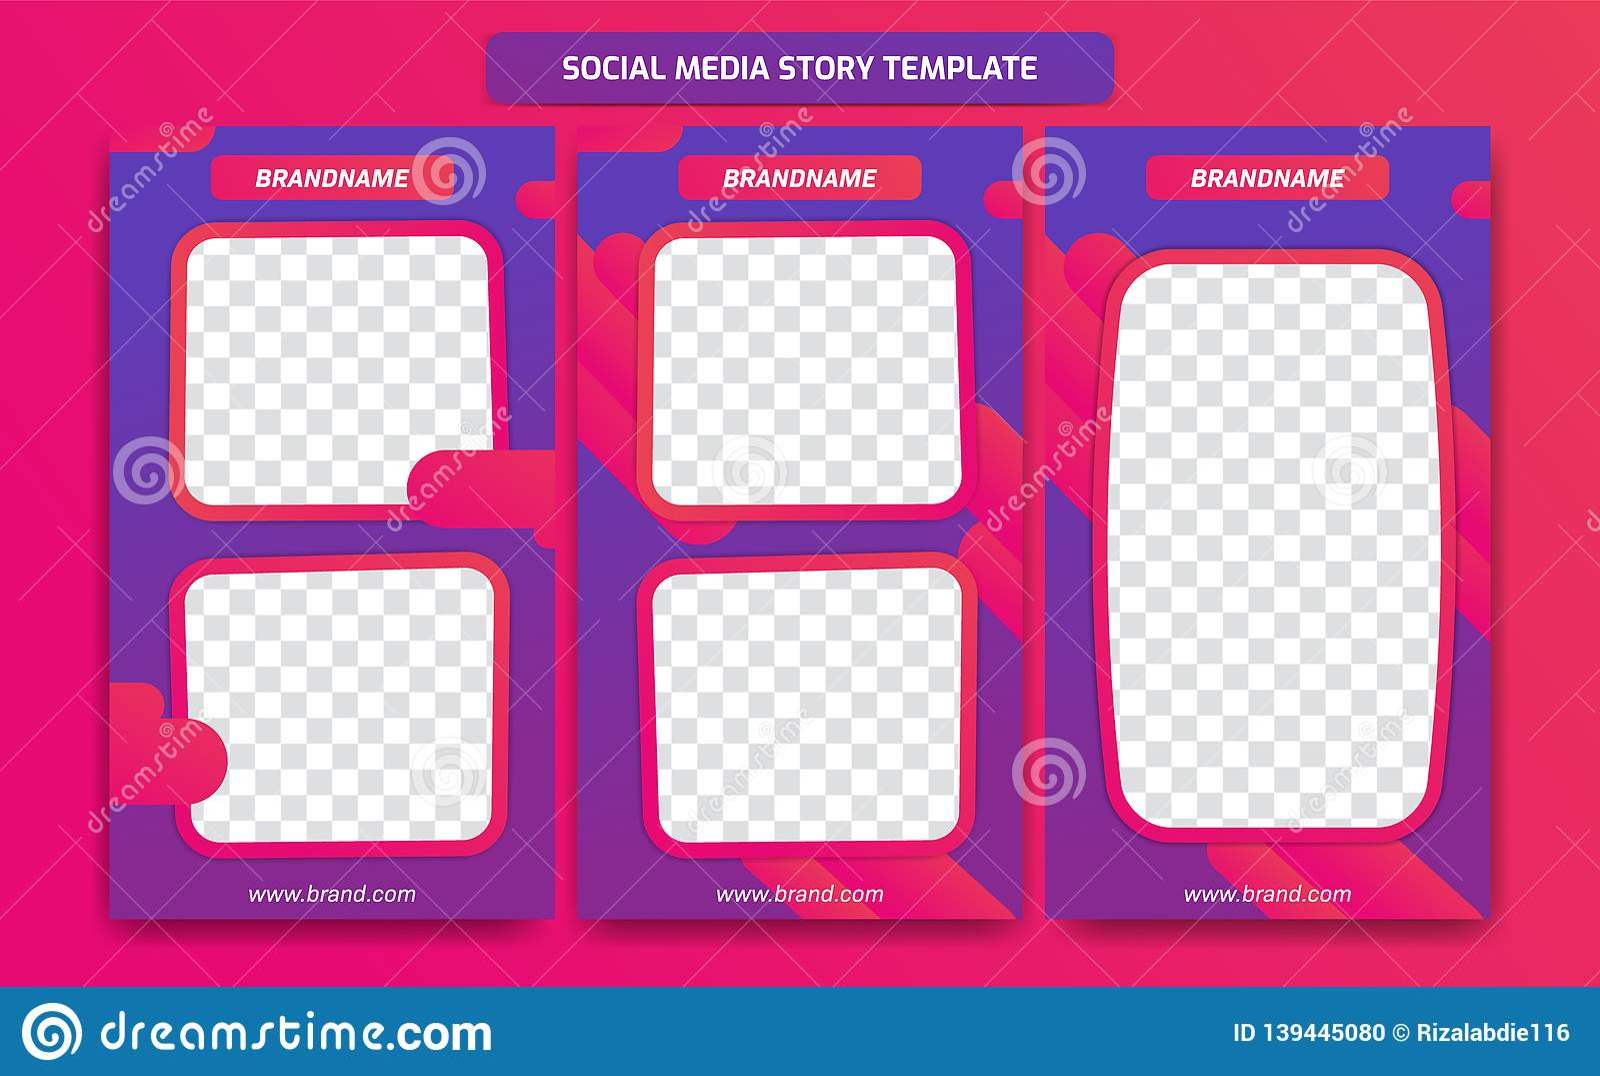 Social Media-Geschichtenrahmen-Schablonenentwurf der Zusammenfassung modischer moderner mit abstrakter flüssiger Steigung des pur